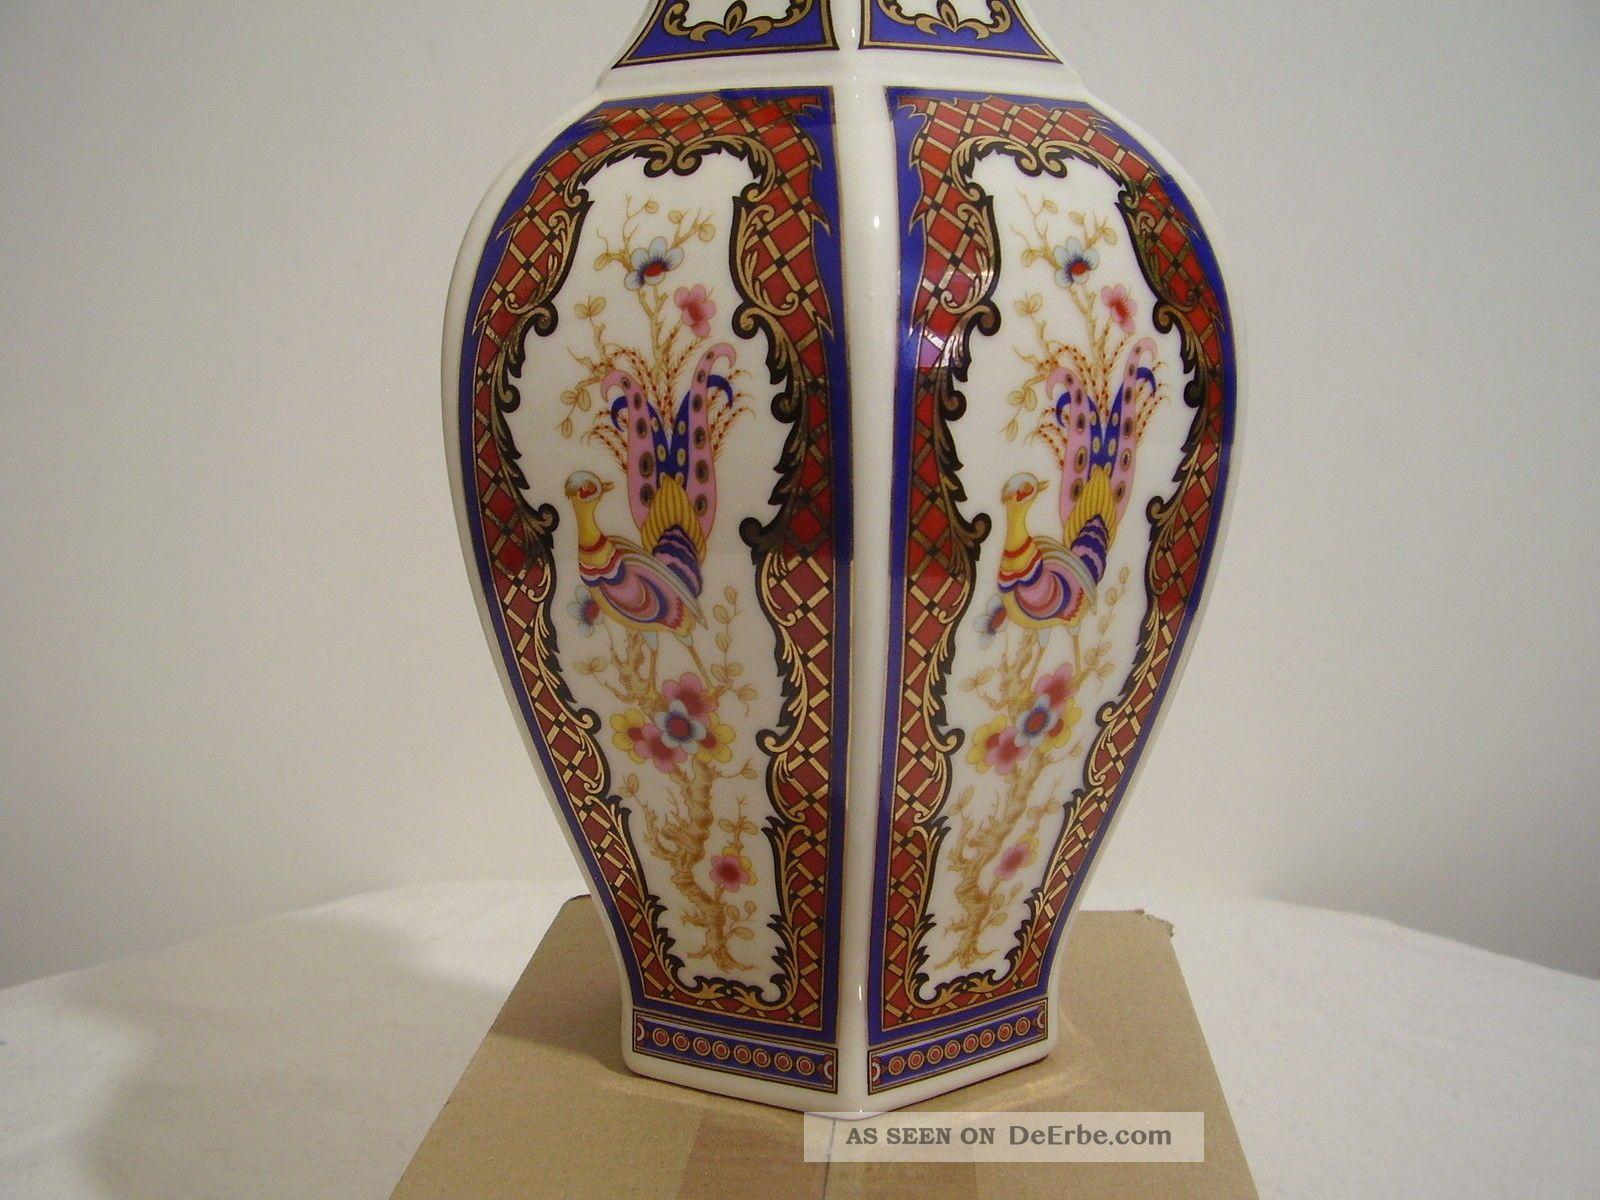 Vase Porzellan Asien 6 Eckig Bilder Gold Dekor 26 Cm Hoch Antike Bild